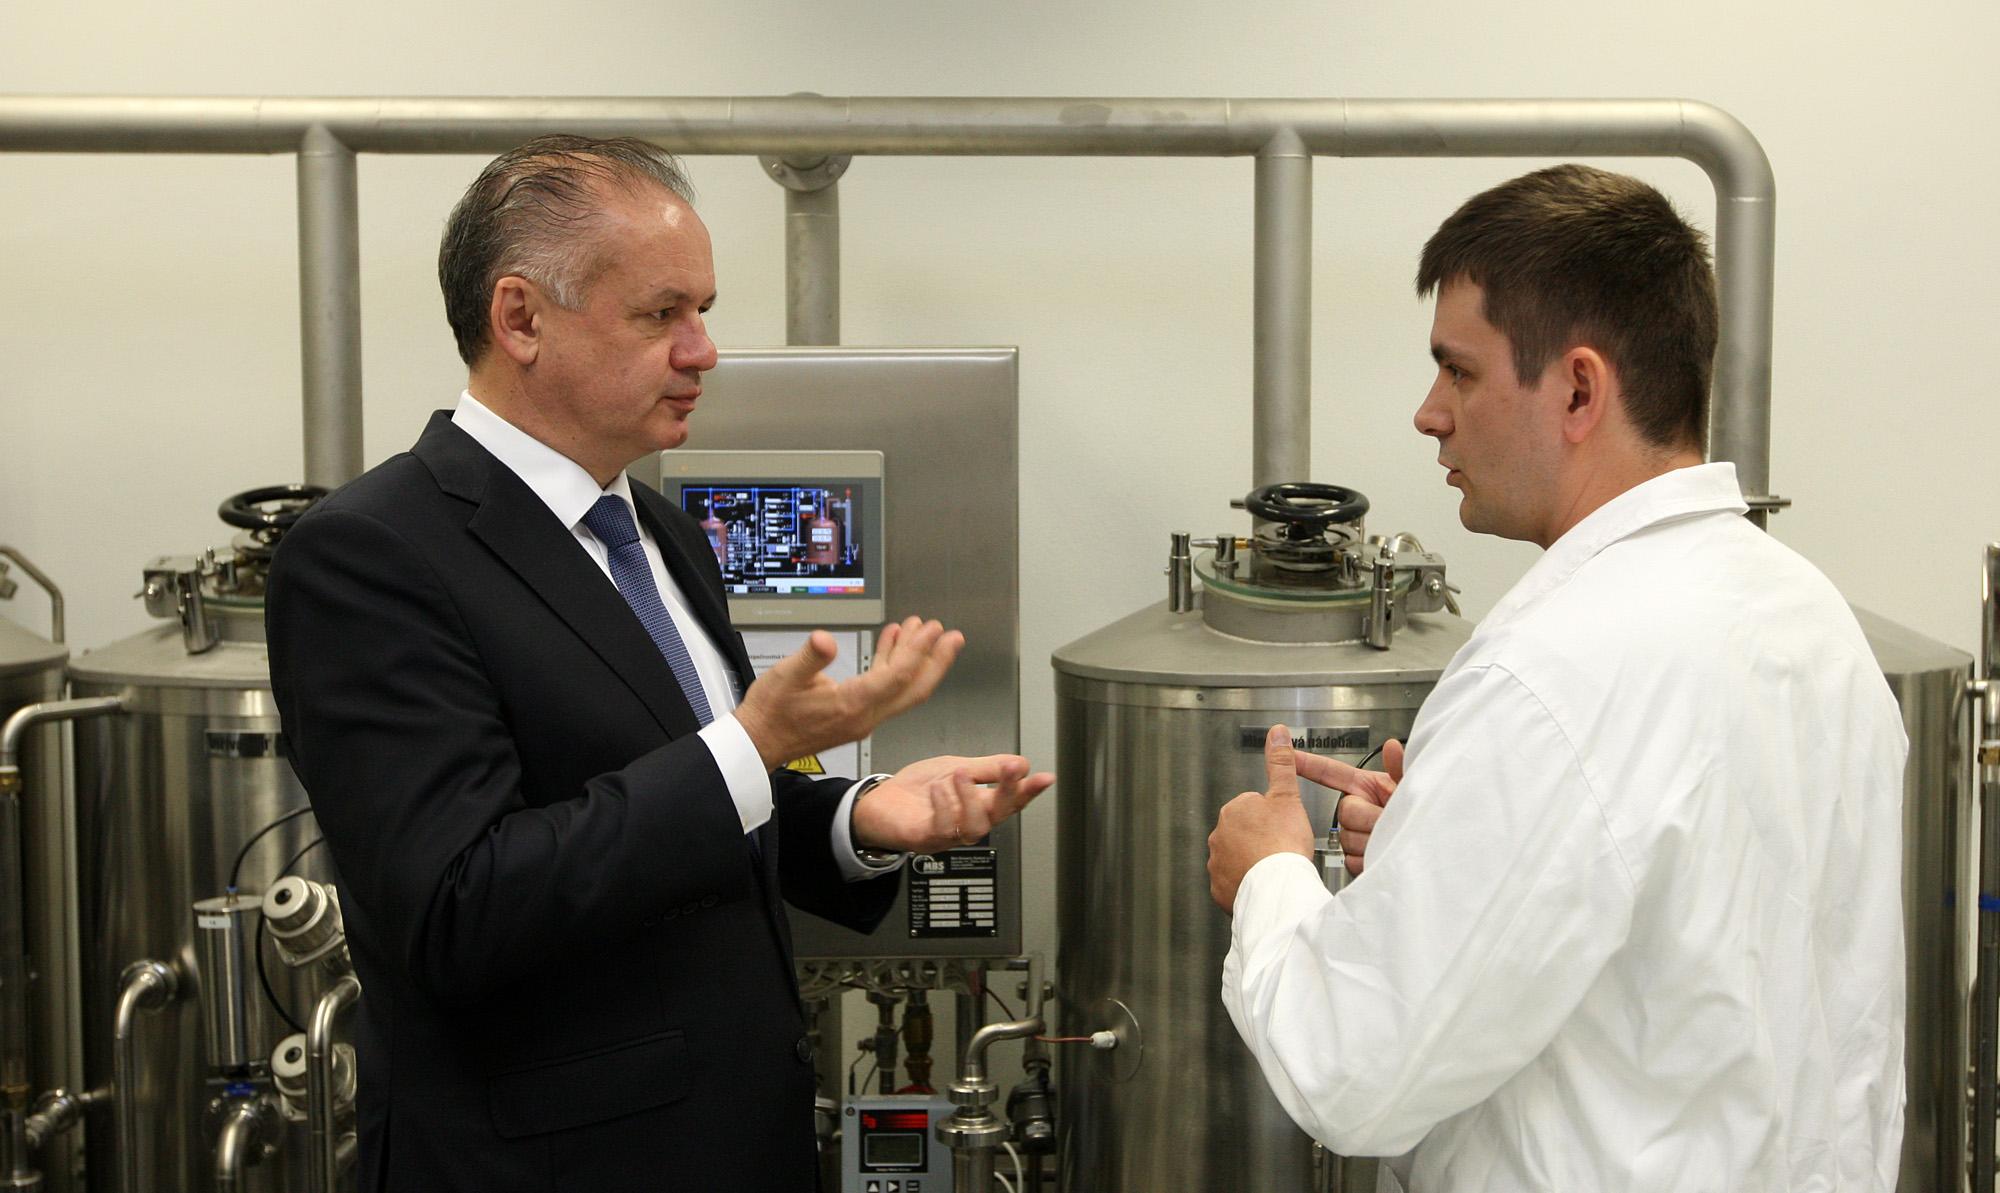 Prezident: Nitra má šancu stať sa progresívnym mestom